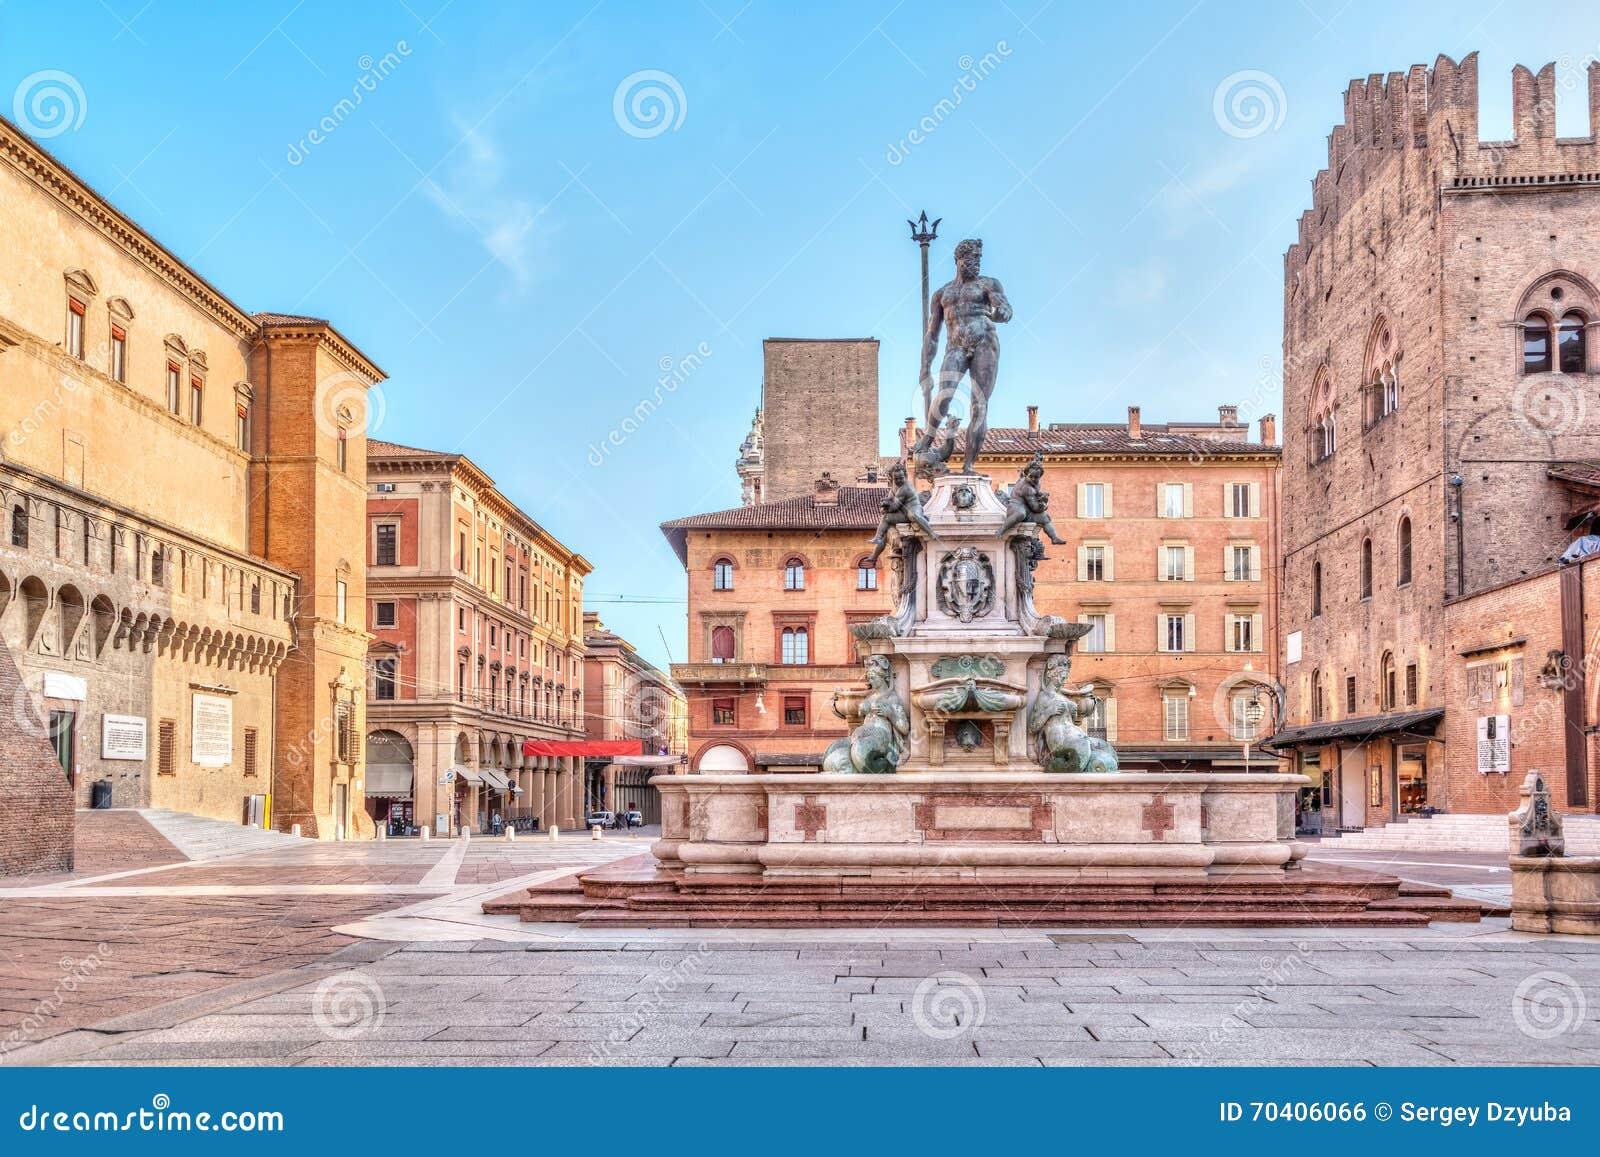 Piazza del Nettuno vierkant in Bologna